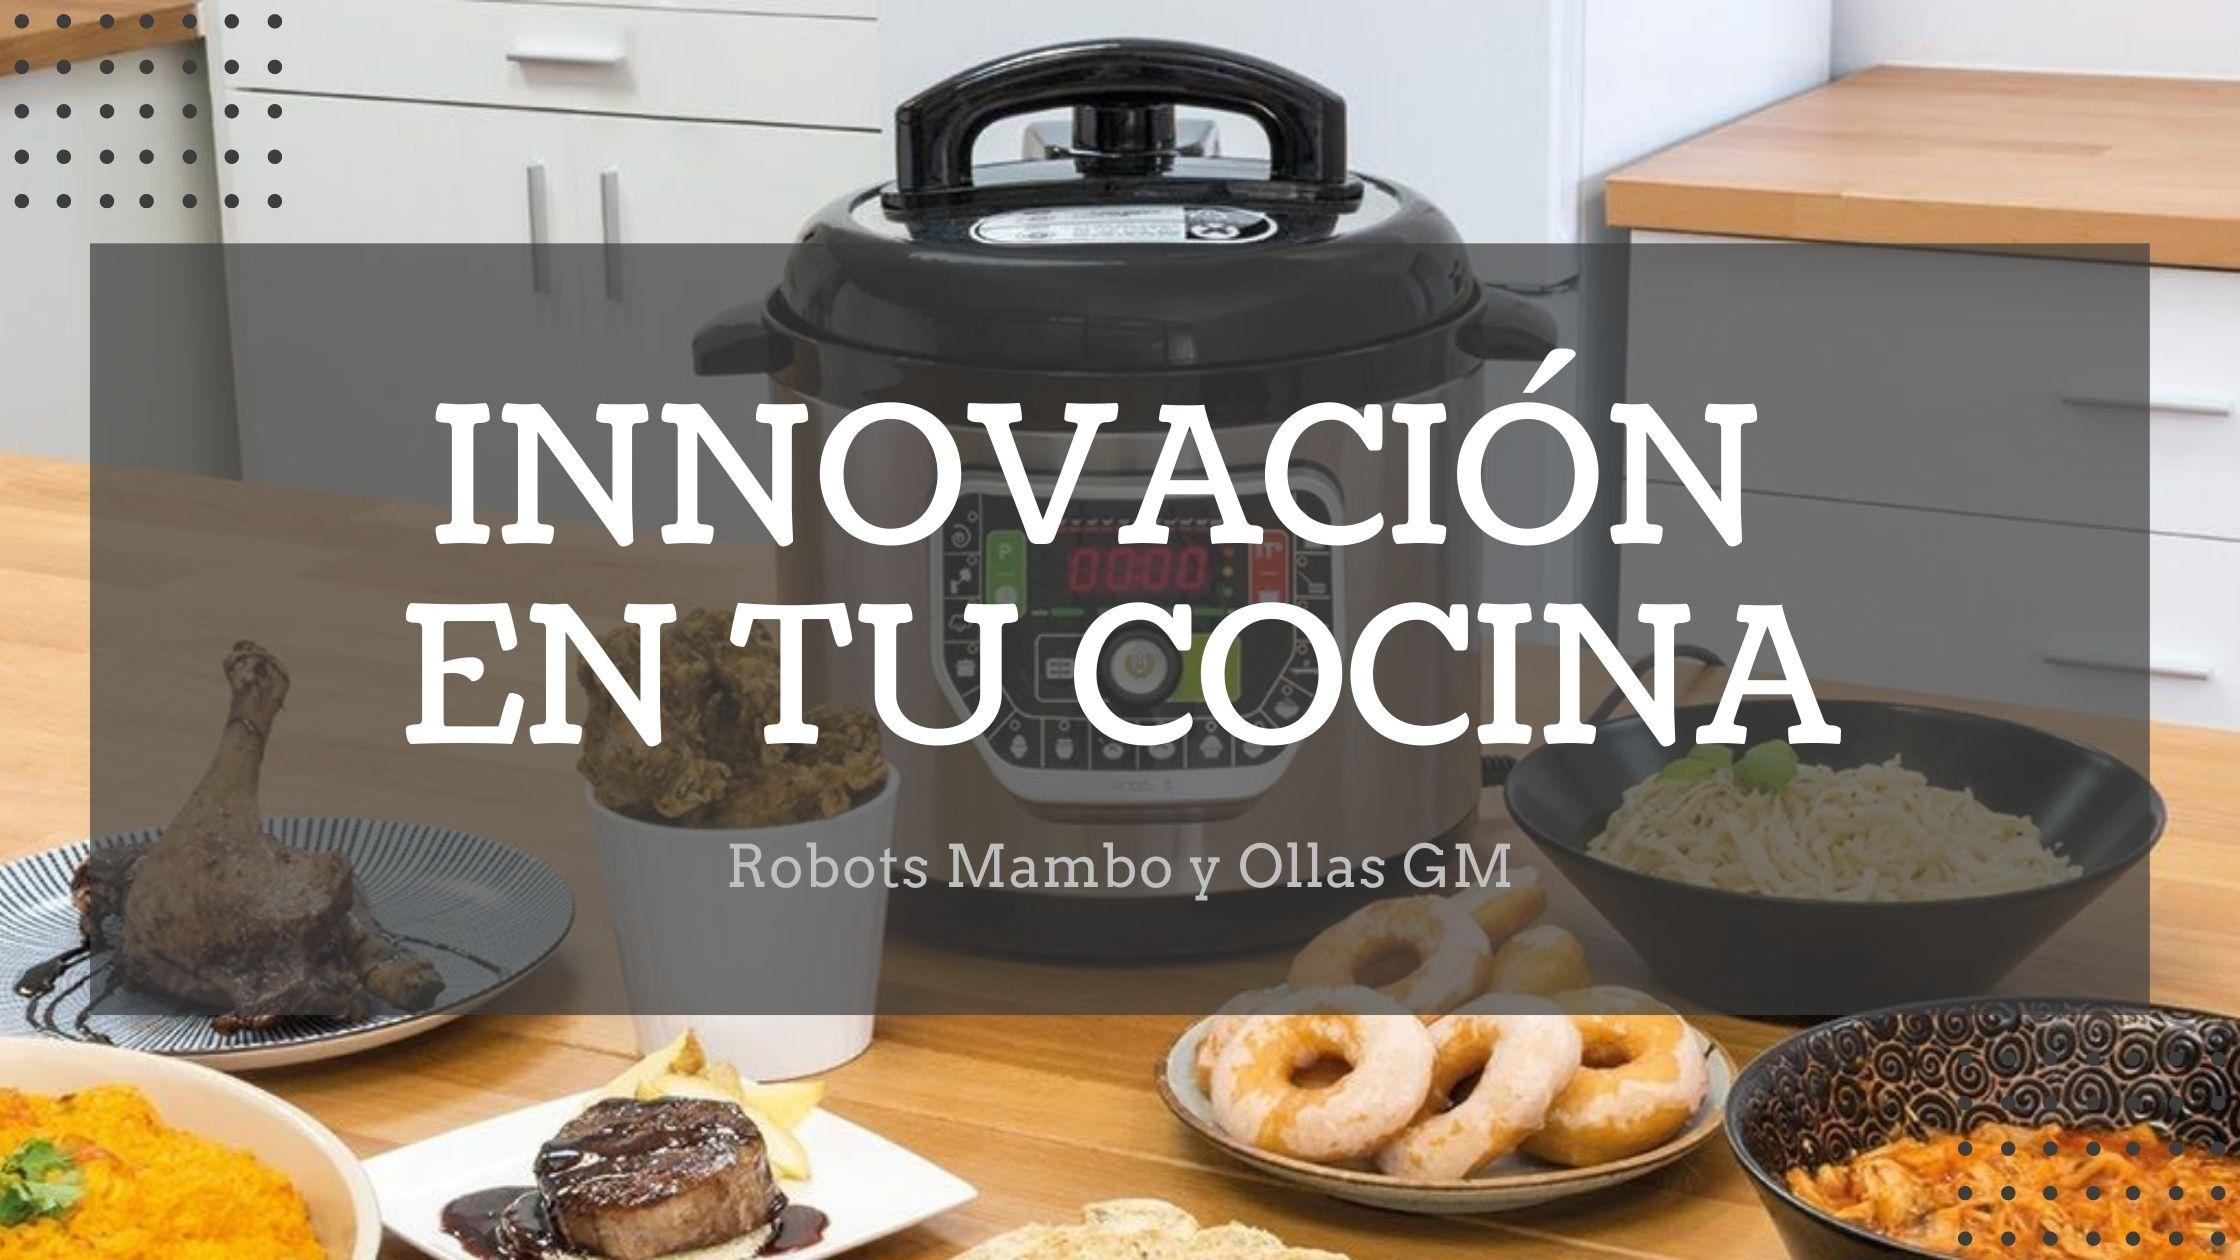 Robots Mambo y Ollas GM